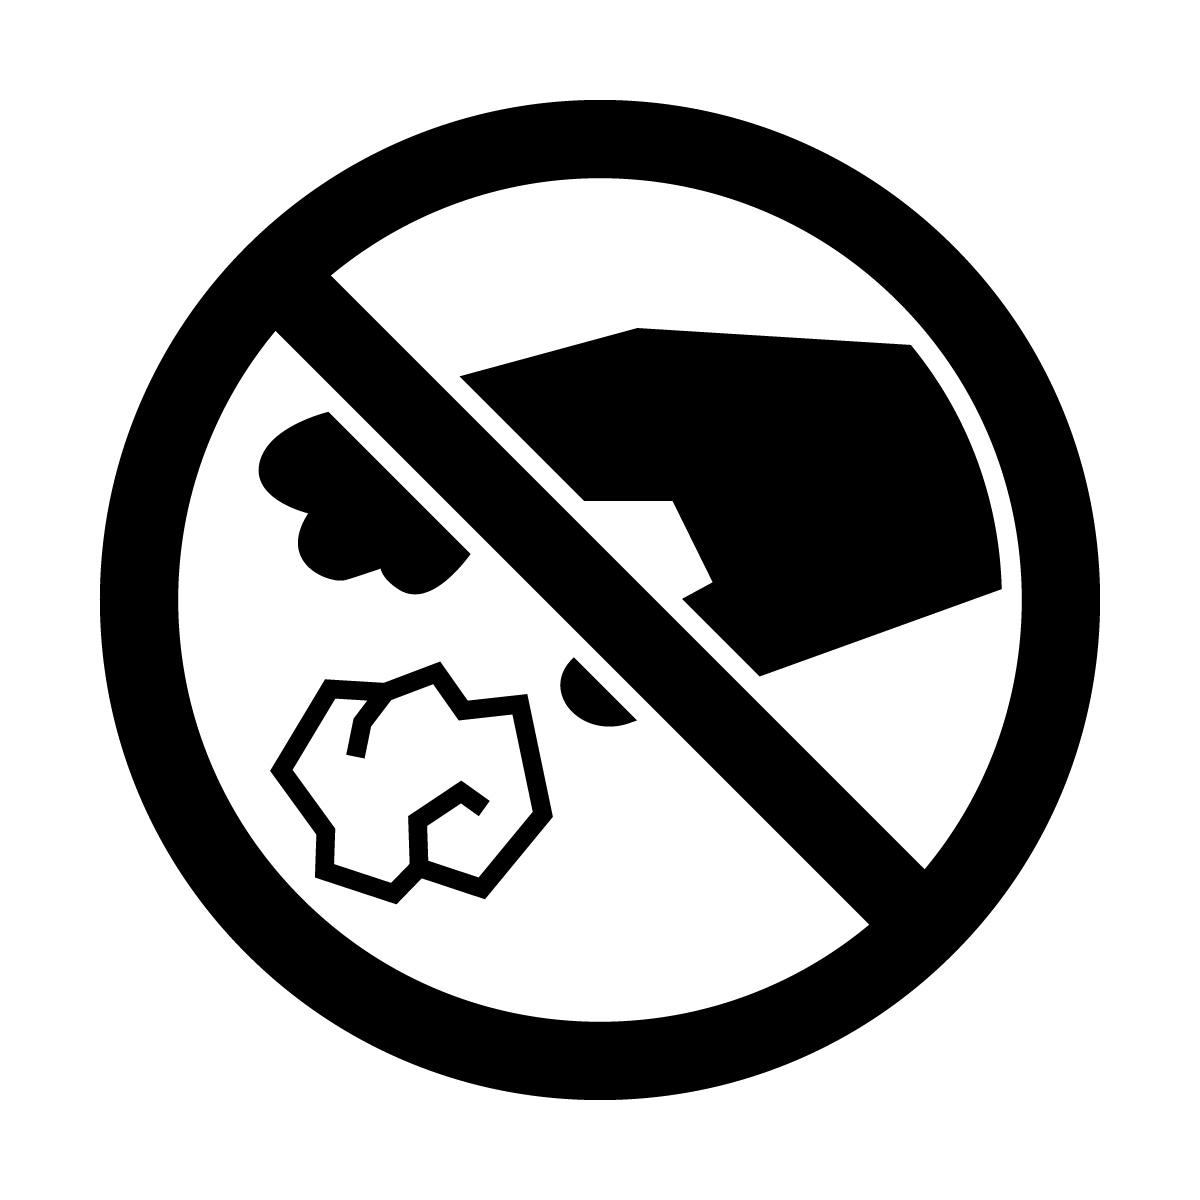 黒色のゴミのポイ捨て禁止マークのカッティングステッカー